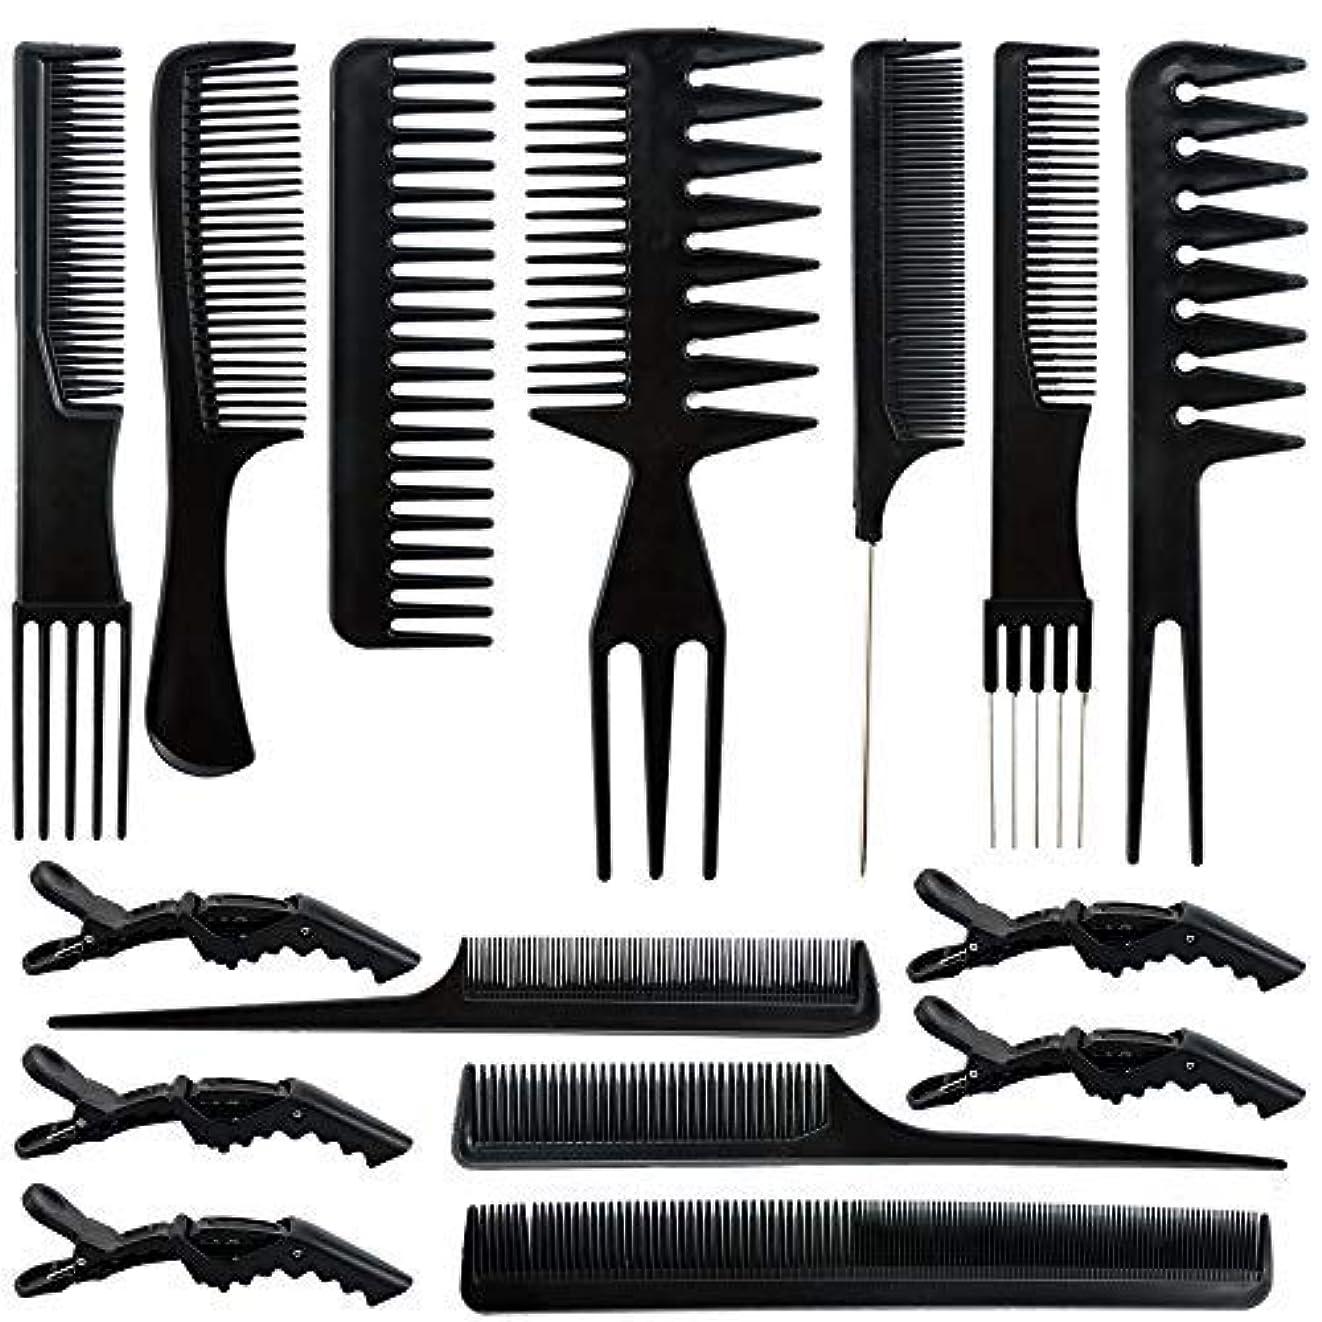 デマンド変動するプランターWpxmer 10 PCS Hair Stylists Professional Styling Comb,5 Pcs Styling Hair Clips for All Hair Types & [並行輸入品]